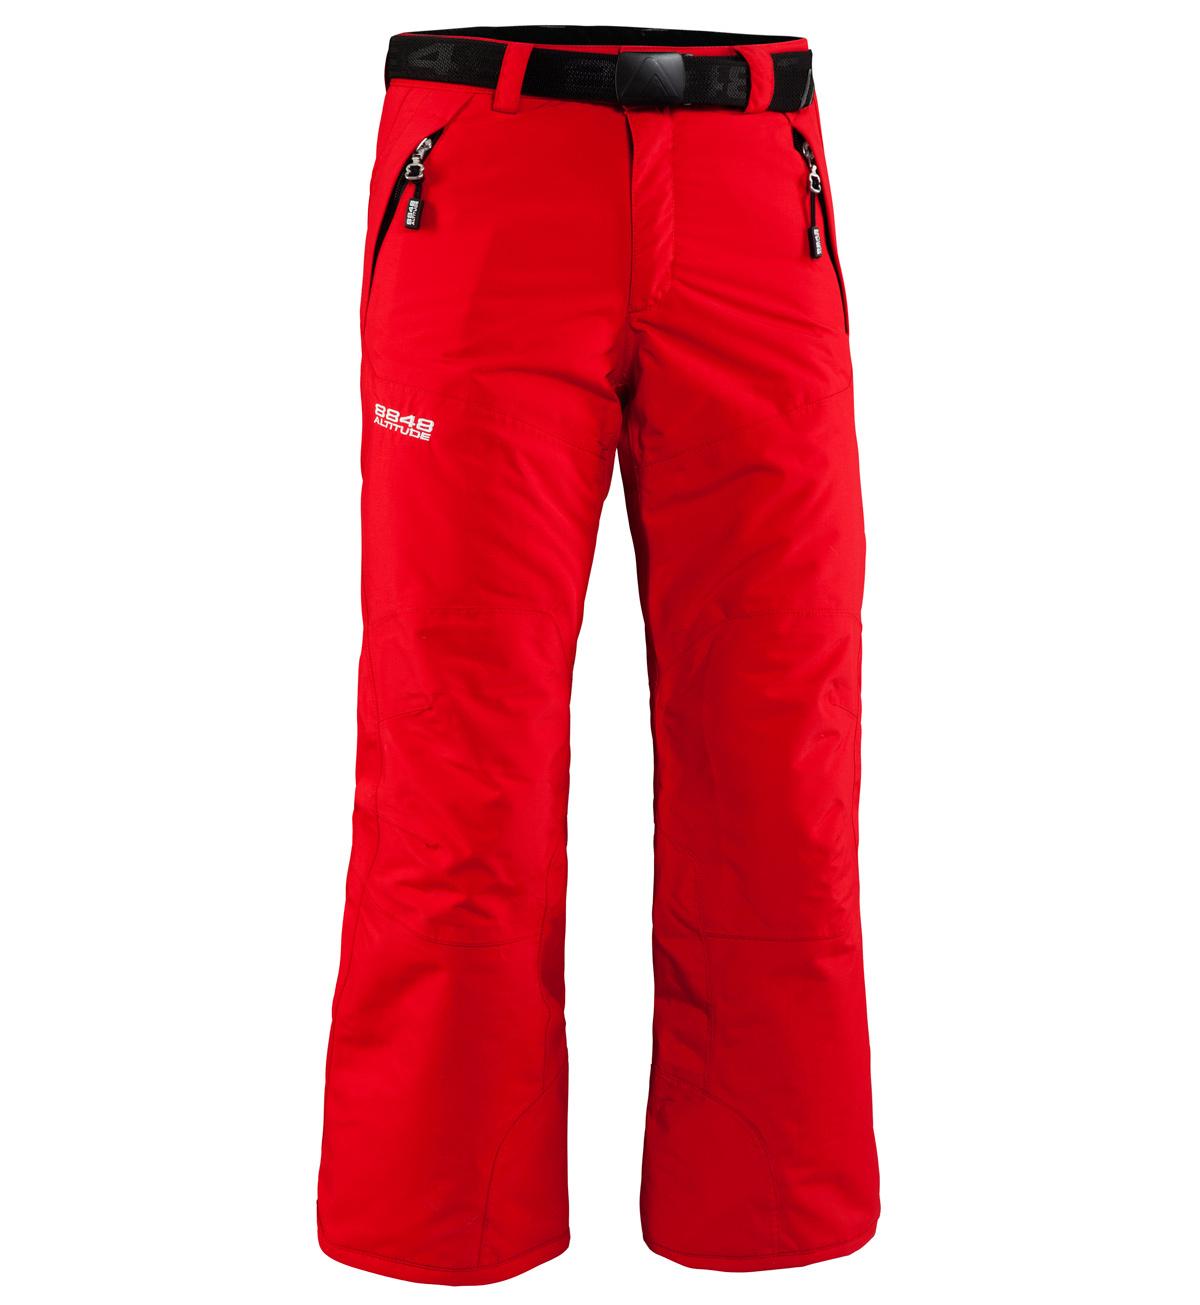 Брюки горнолыжные  8848 Altitude TOMBER детские Red